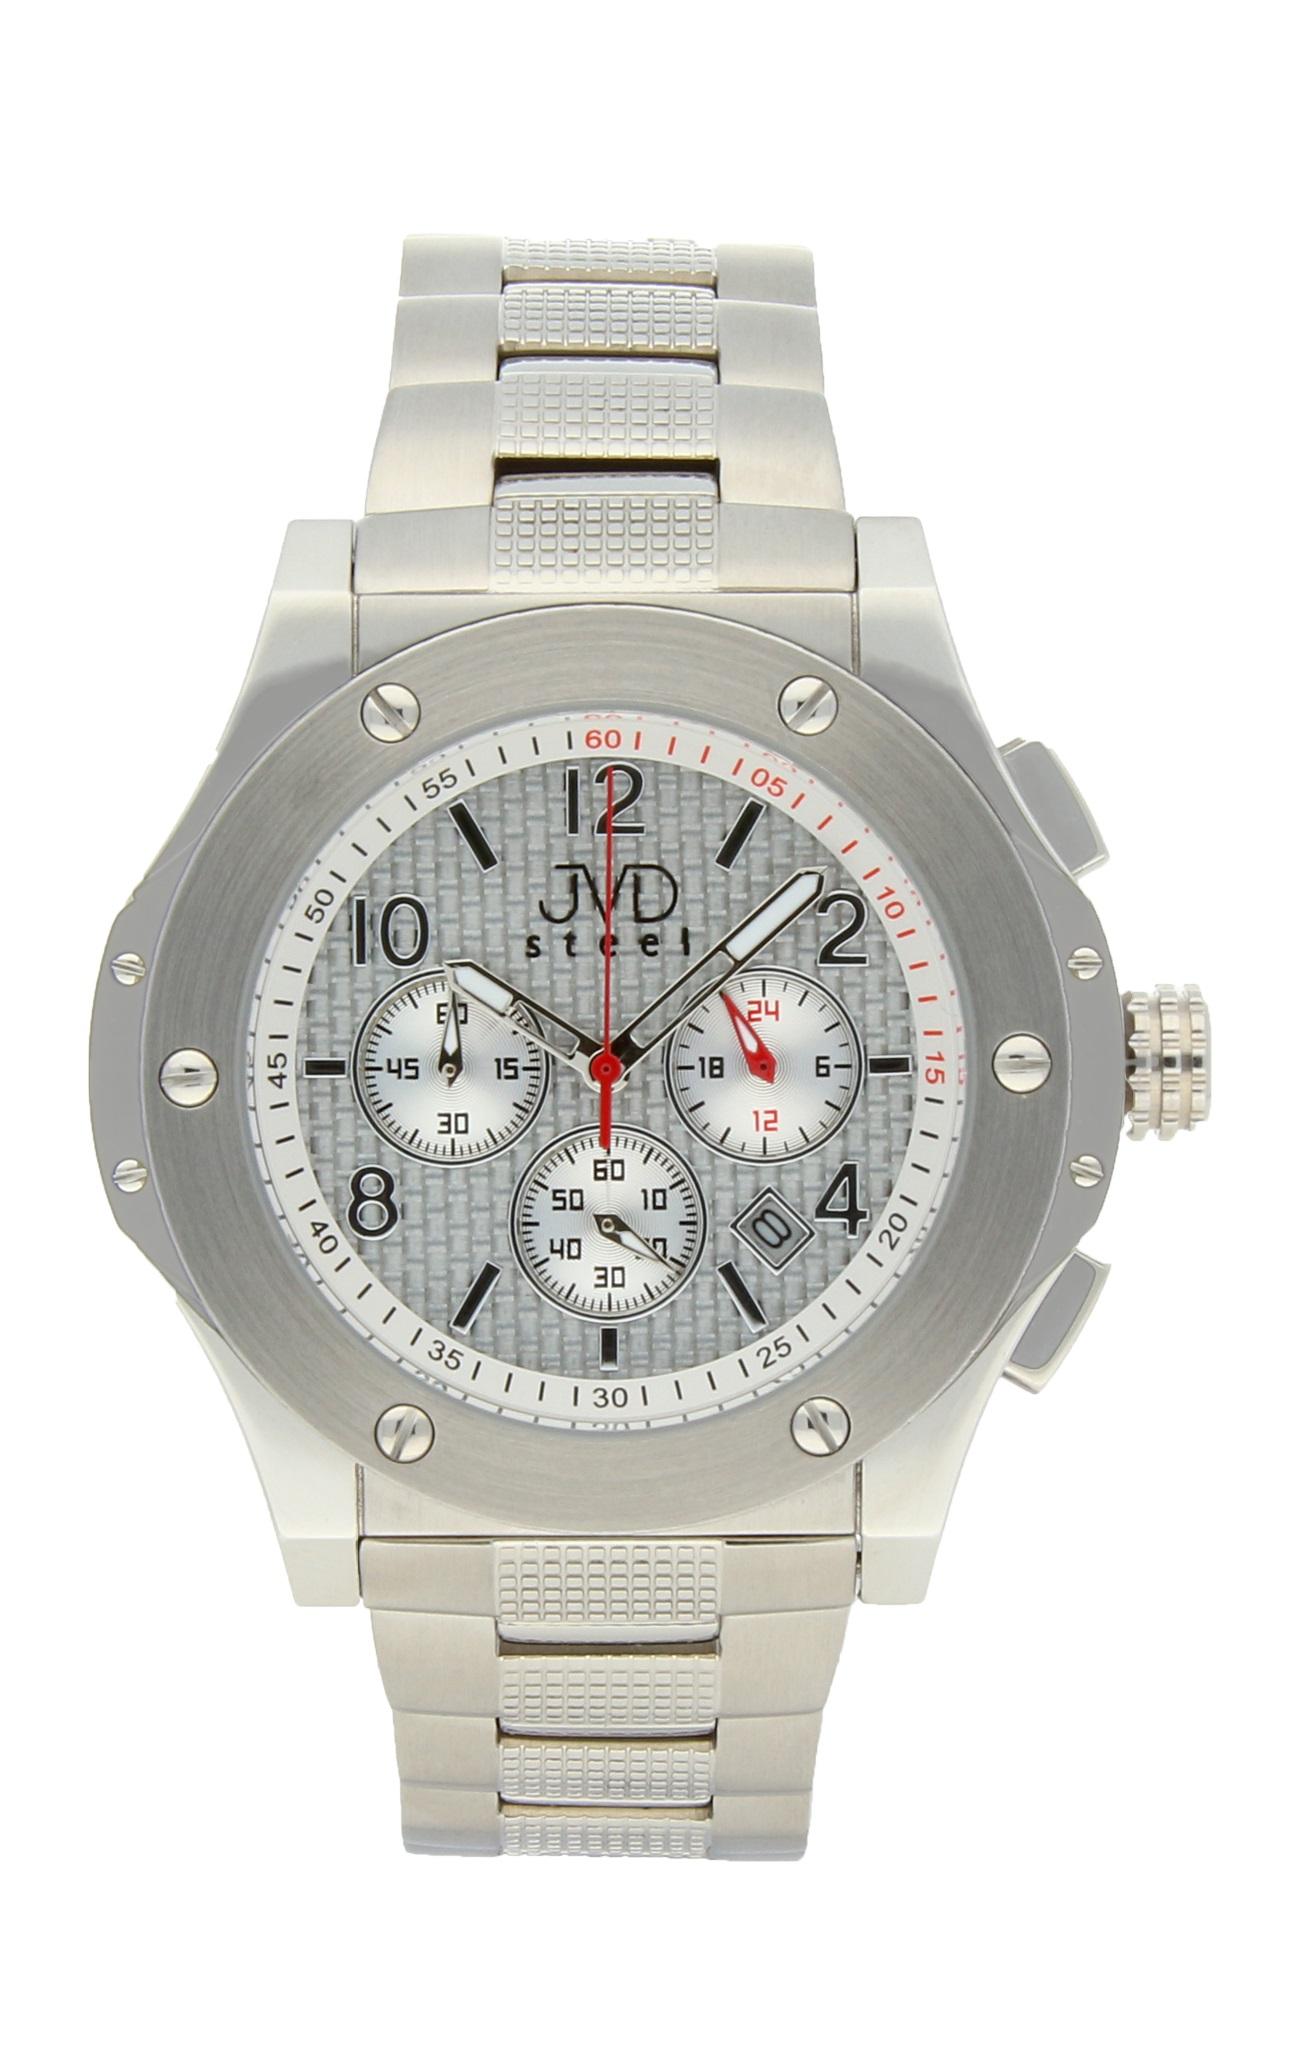 Luxusní pánské chronografy - vodotěsné hodinky Steel JVDC 732.1 (POŠTOVNÉ ZDARMA!! - 10ATM)